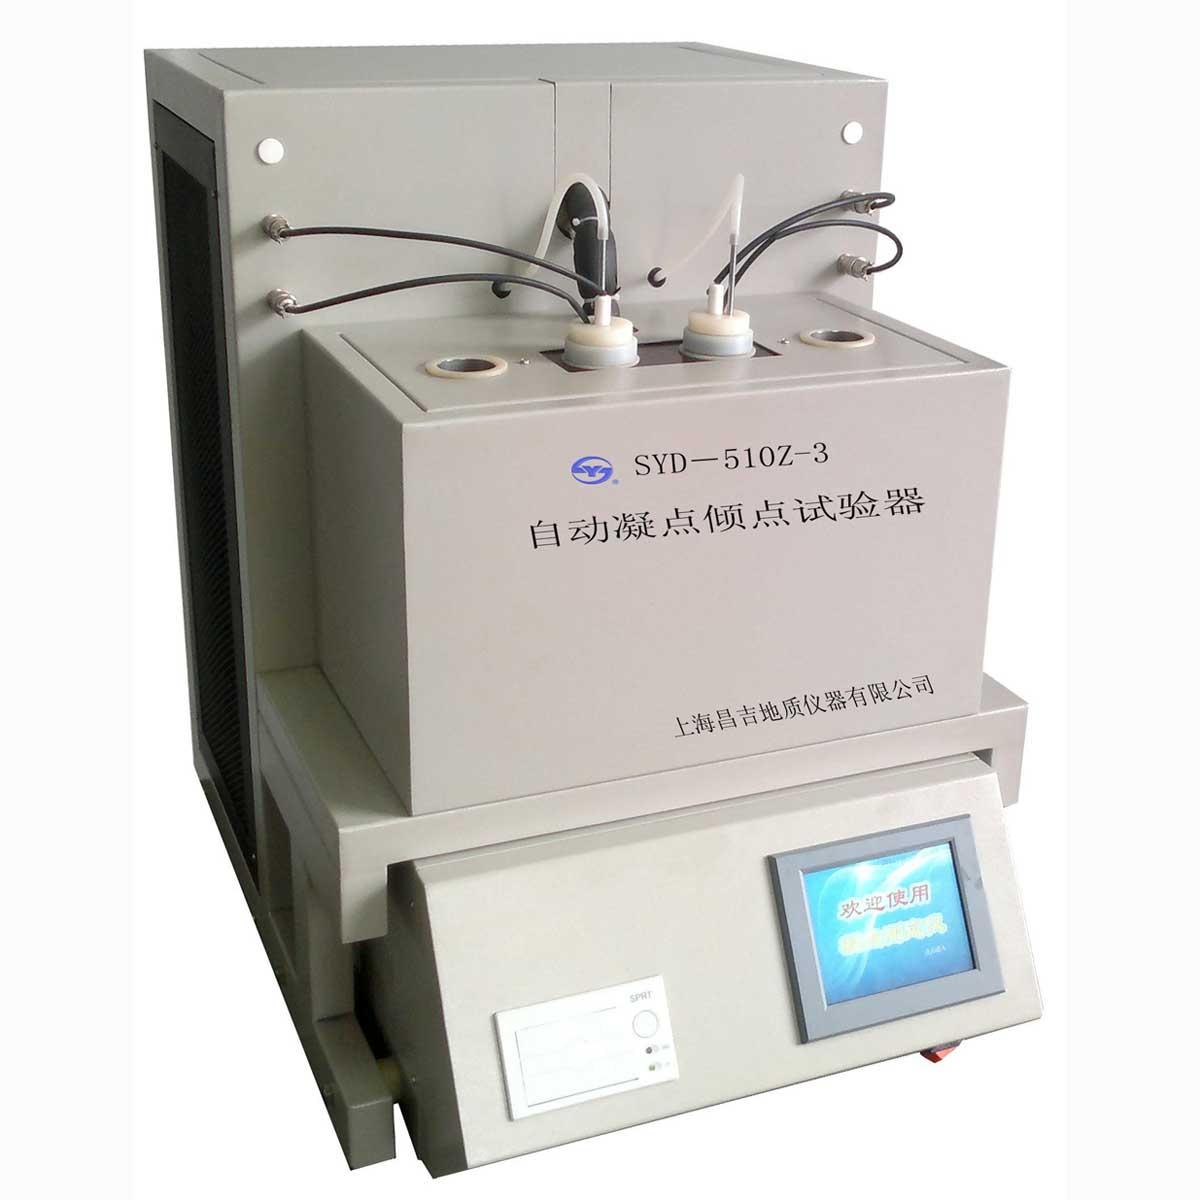 上海昌吉SYD-510Z-3自动凝点倾点试验器